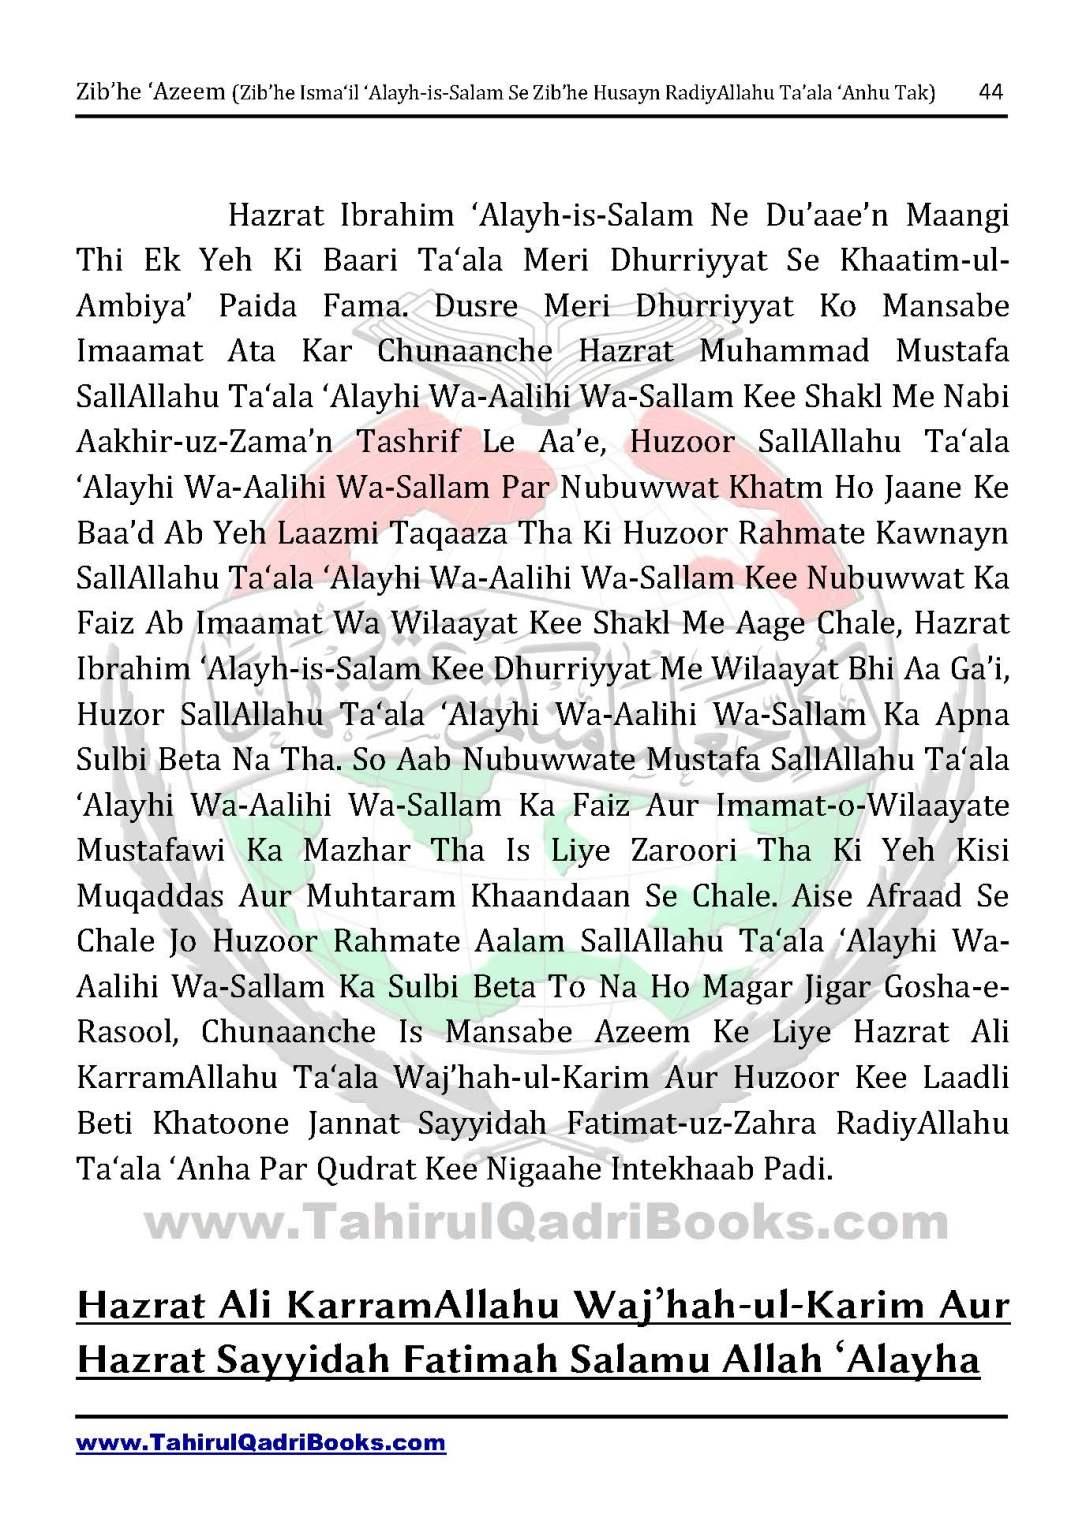 zib_he-e28098azeem-zib_he-ismacabbil-se-zib_he-husayn-tak-in-roman-urdu-unlocked_Page_044